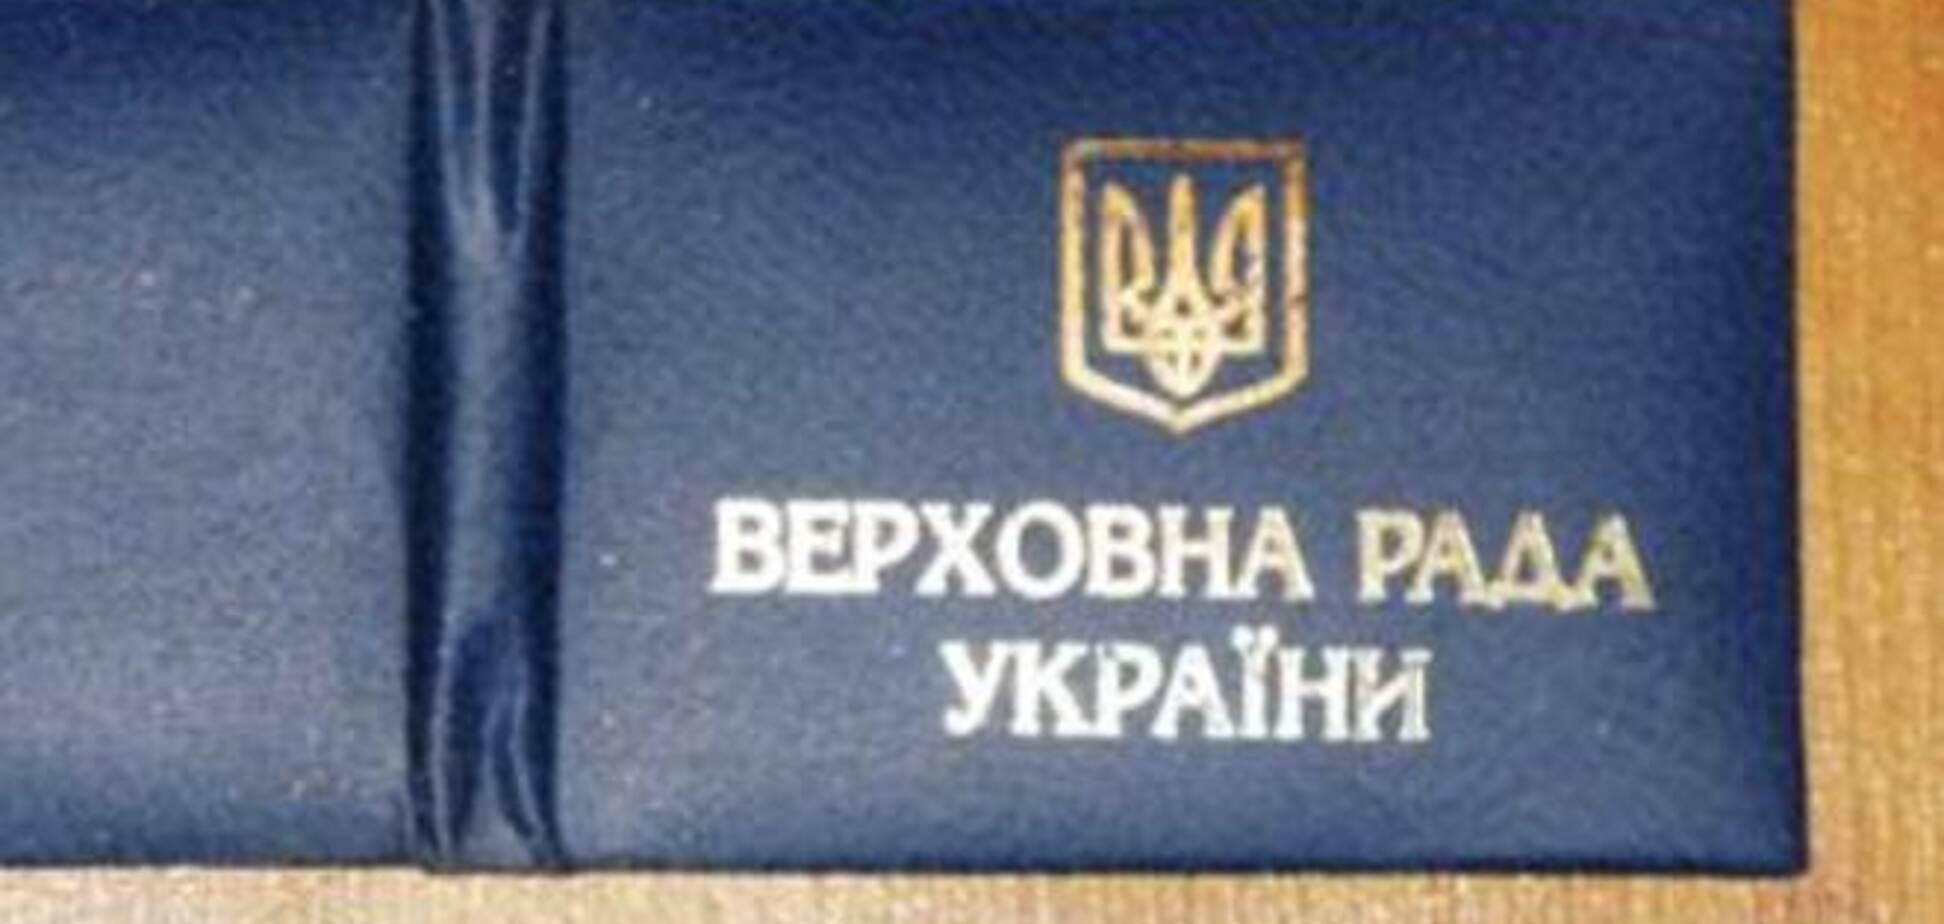 В Киеве задержали мошенника с липовым удостоверением из Верховной Рады